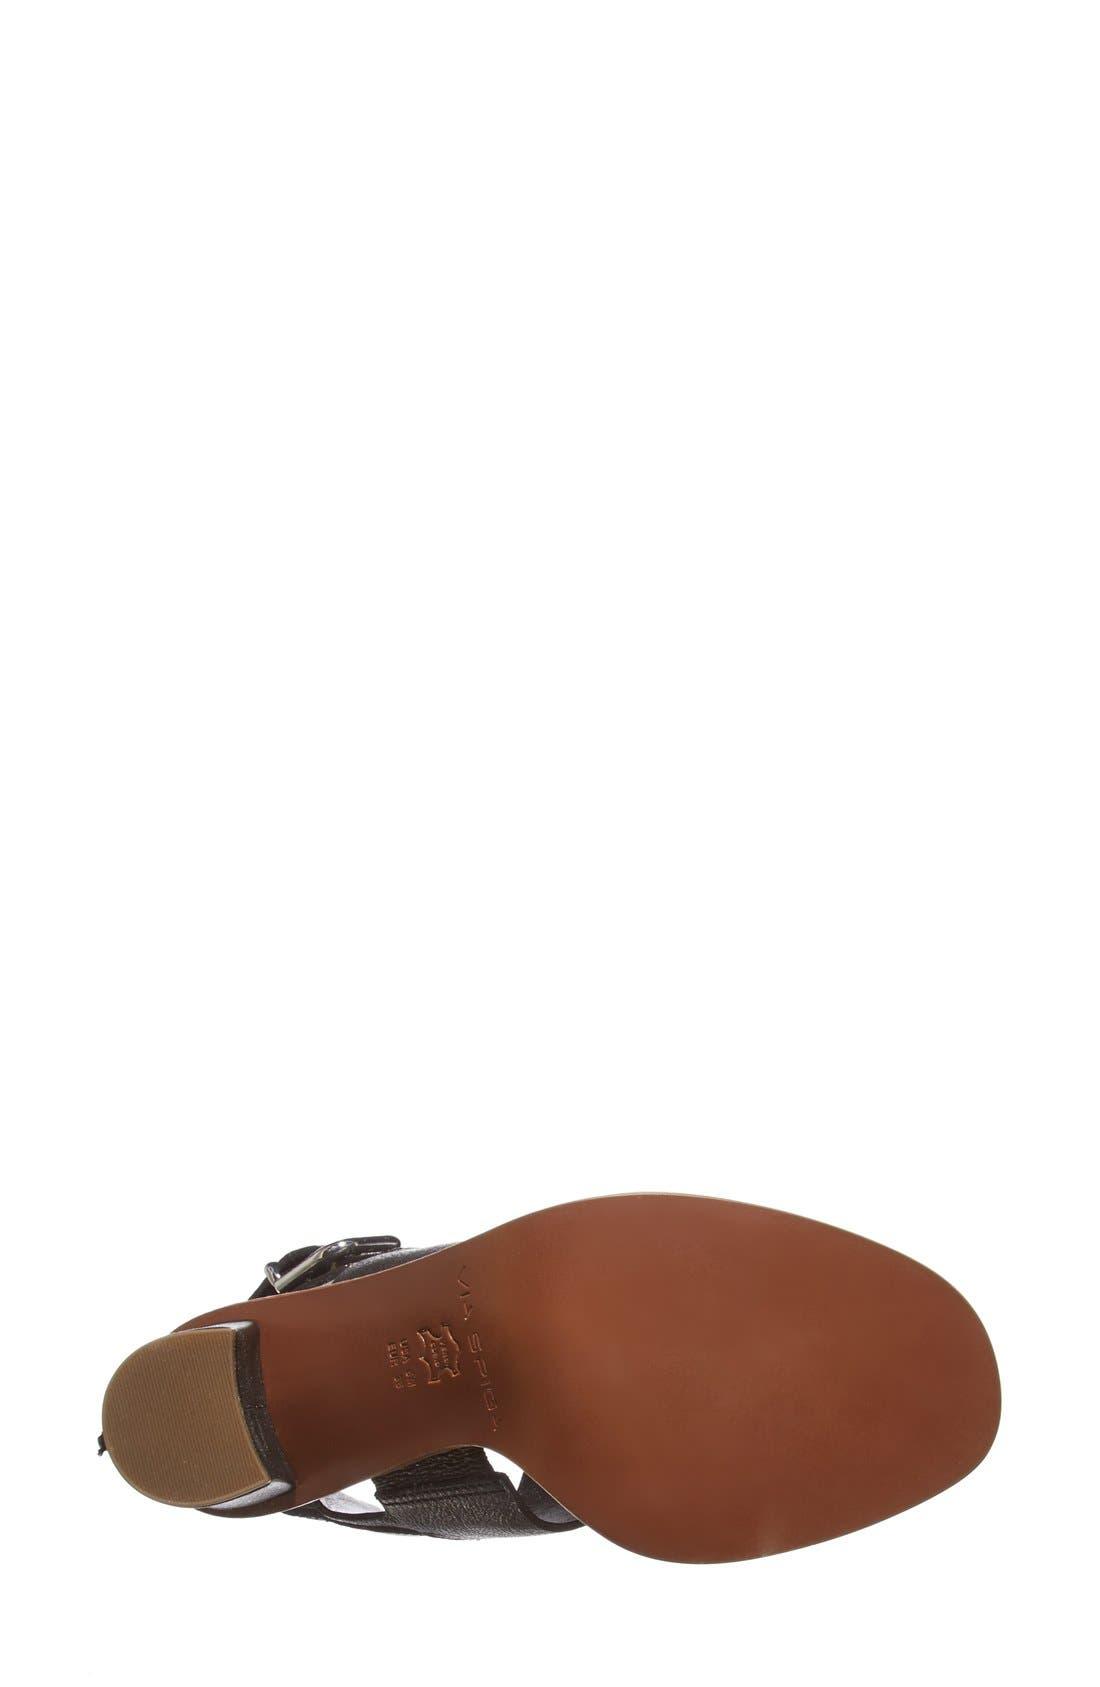 VIA SPIGA,                             'Baris' Leather Slingback Sandal,                             Alternate thumbnail 2, color,                             001